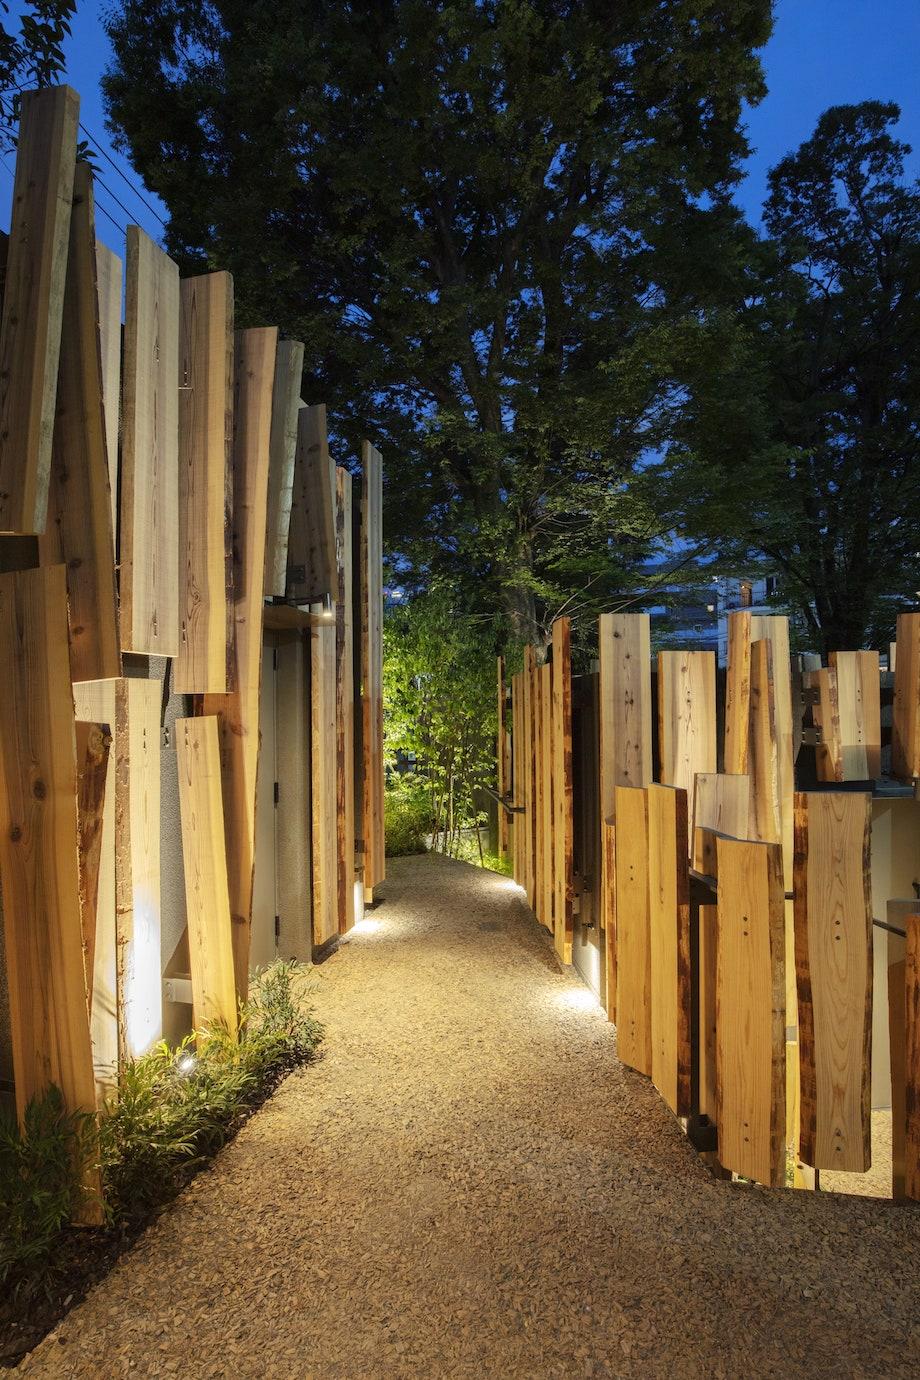 隈研吾デザイン 渋谷区鍋島松濤公園公共トイレ〈森のコミチ〉広報画像